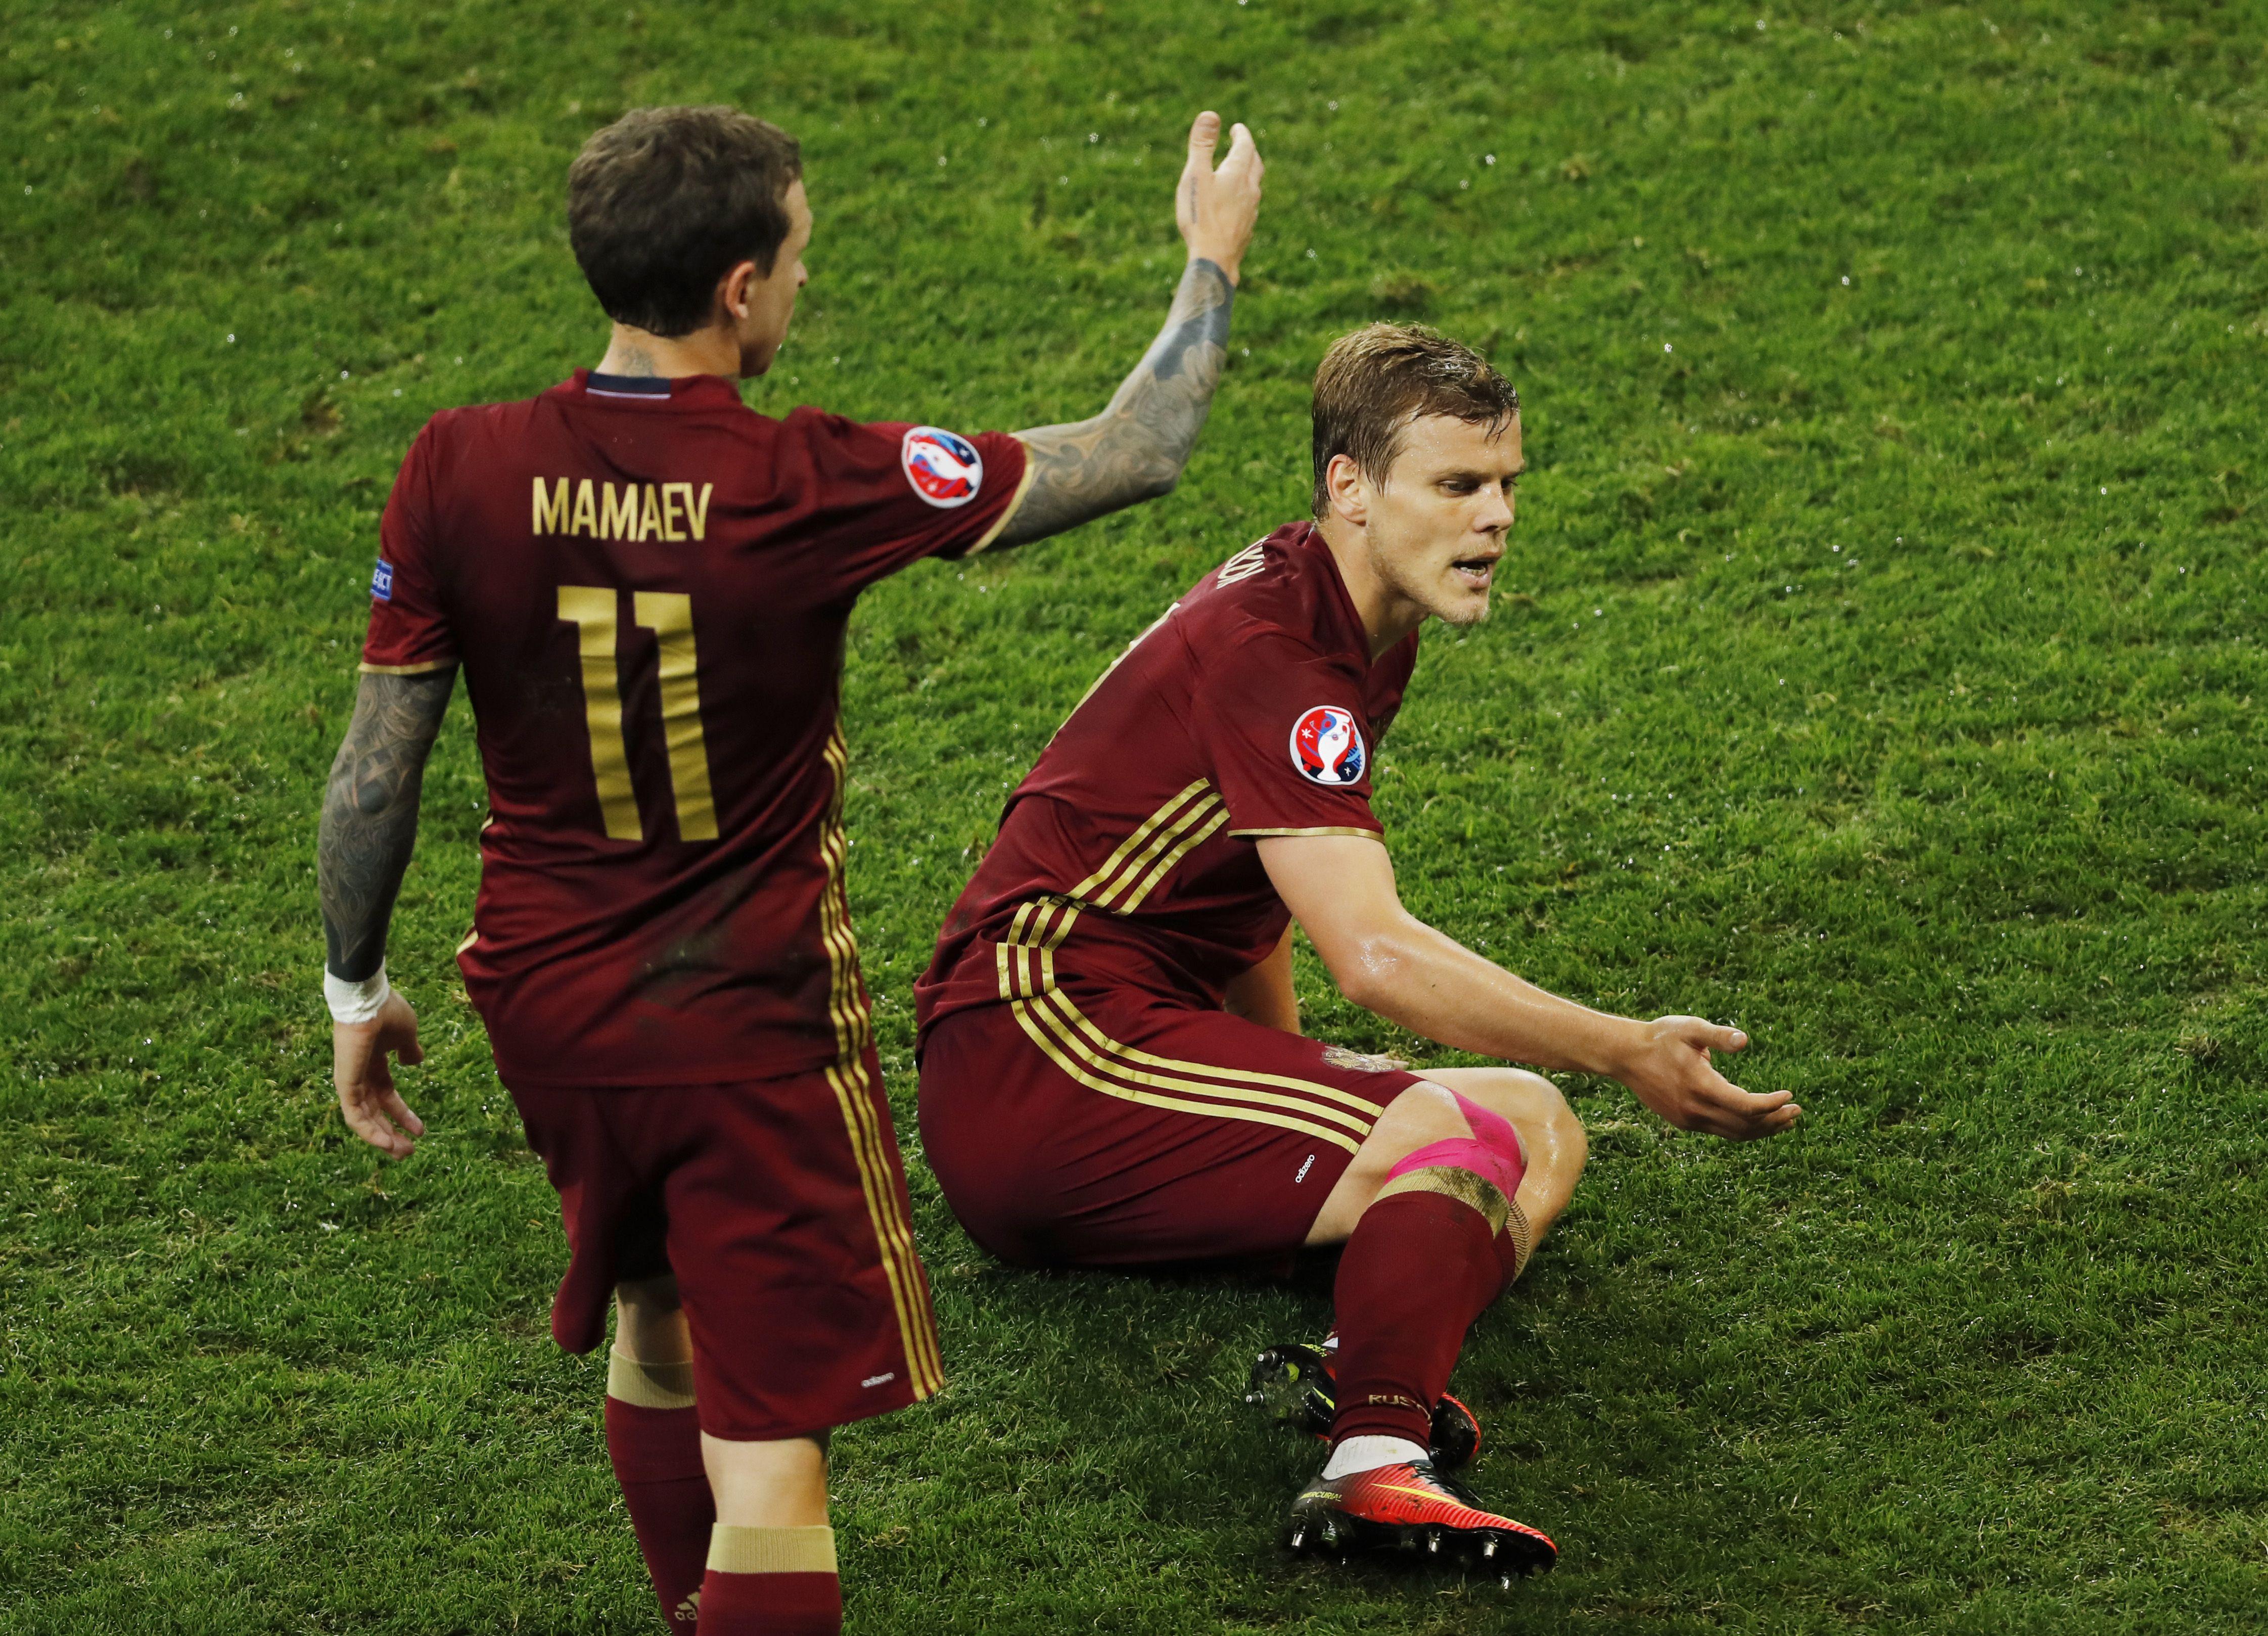 Кокорина и Мамаева на воле лишают возможности играть в футбол – Кокорин и Мамаев новости сегодня